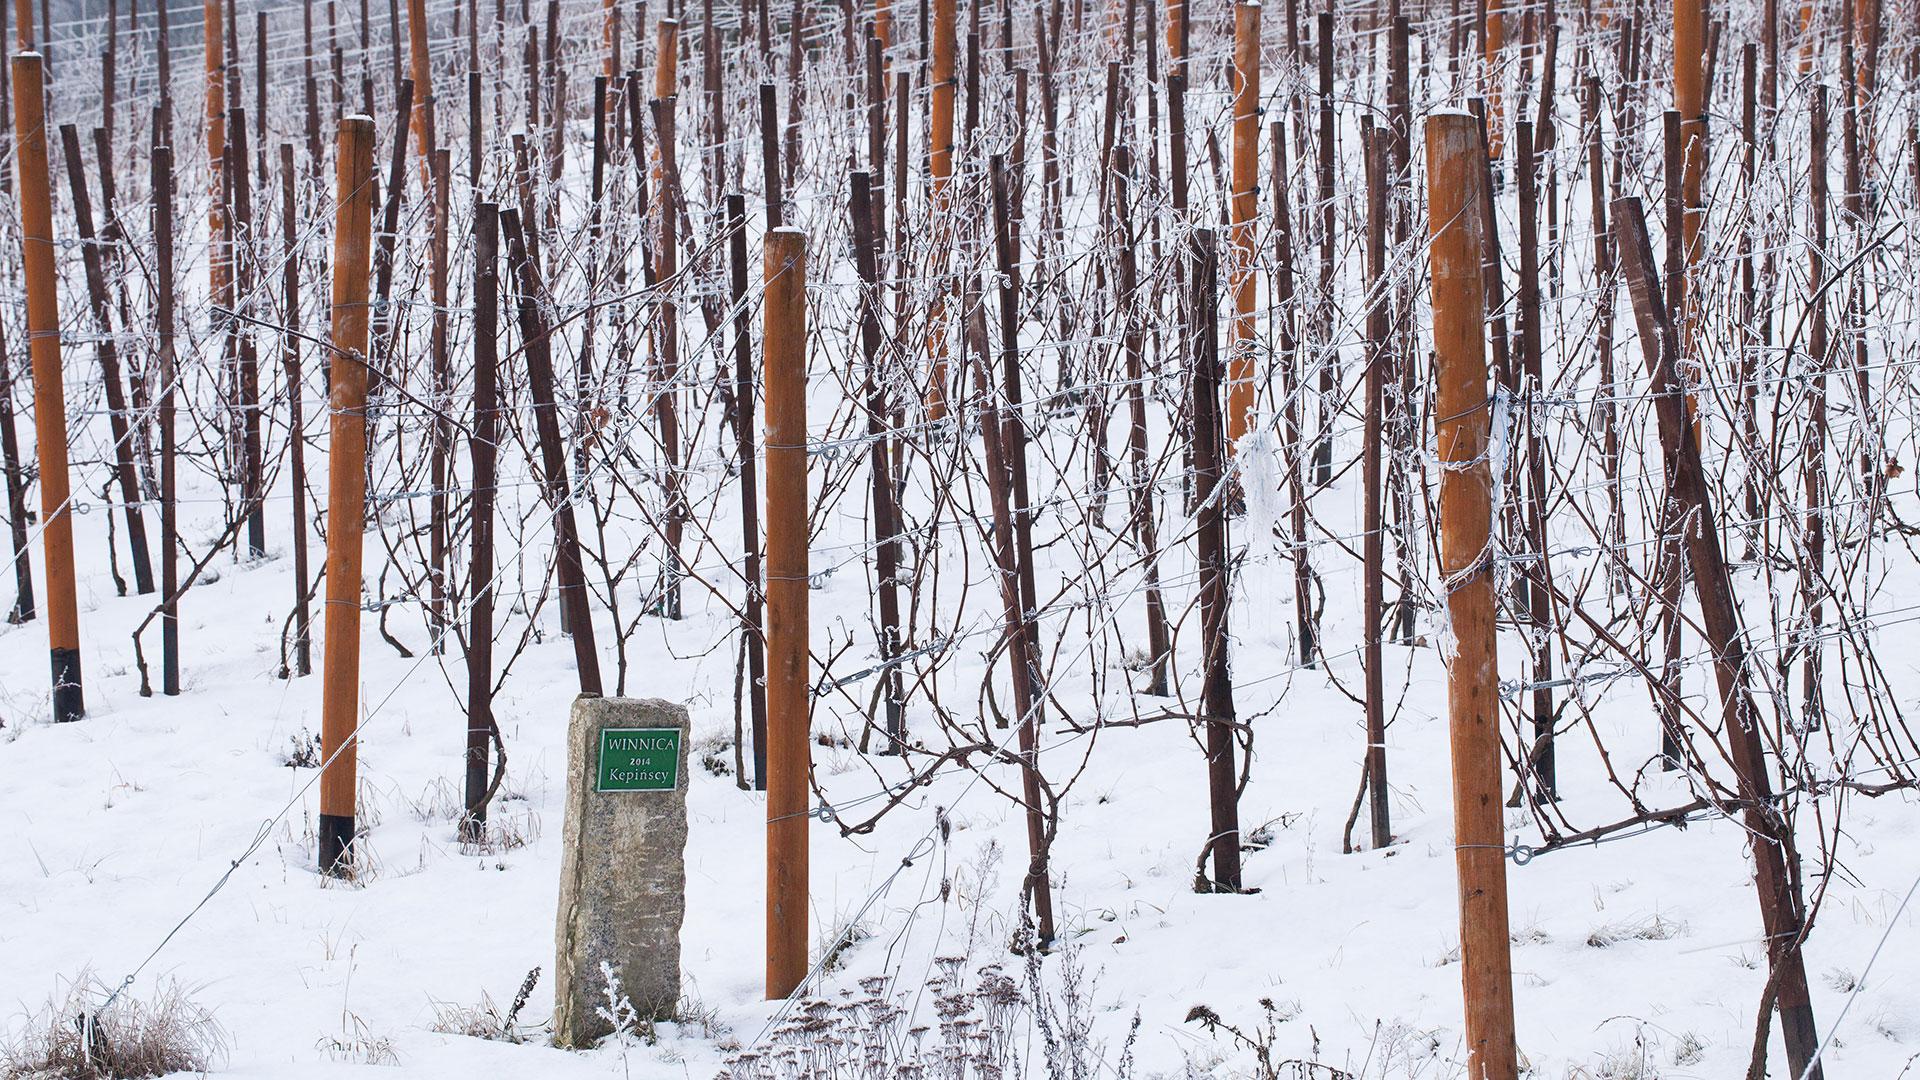 Winiarze Dolnej Wisły zima